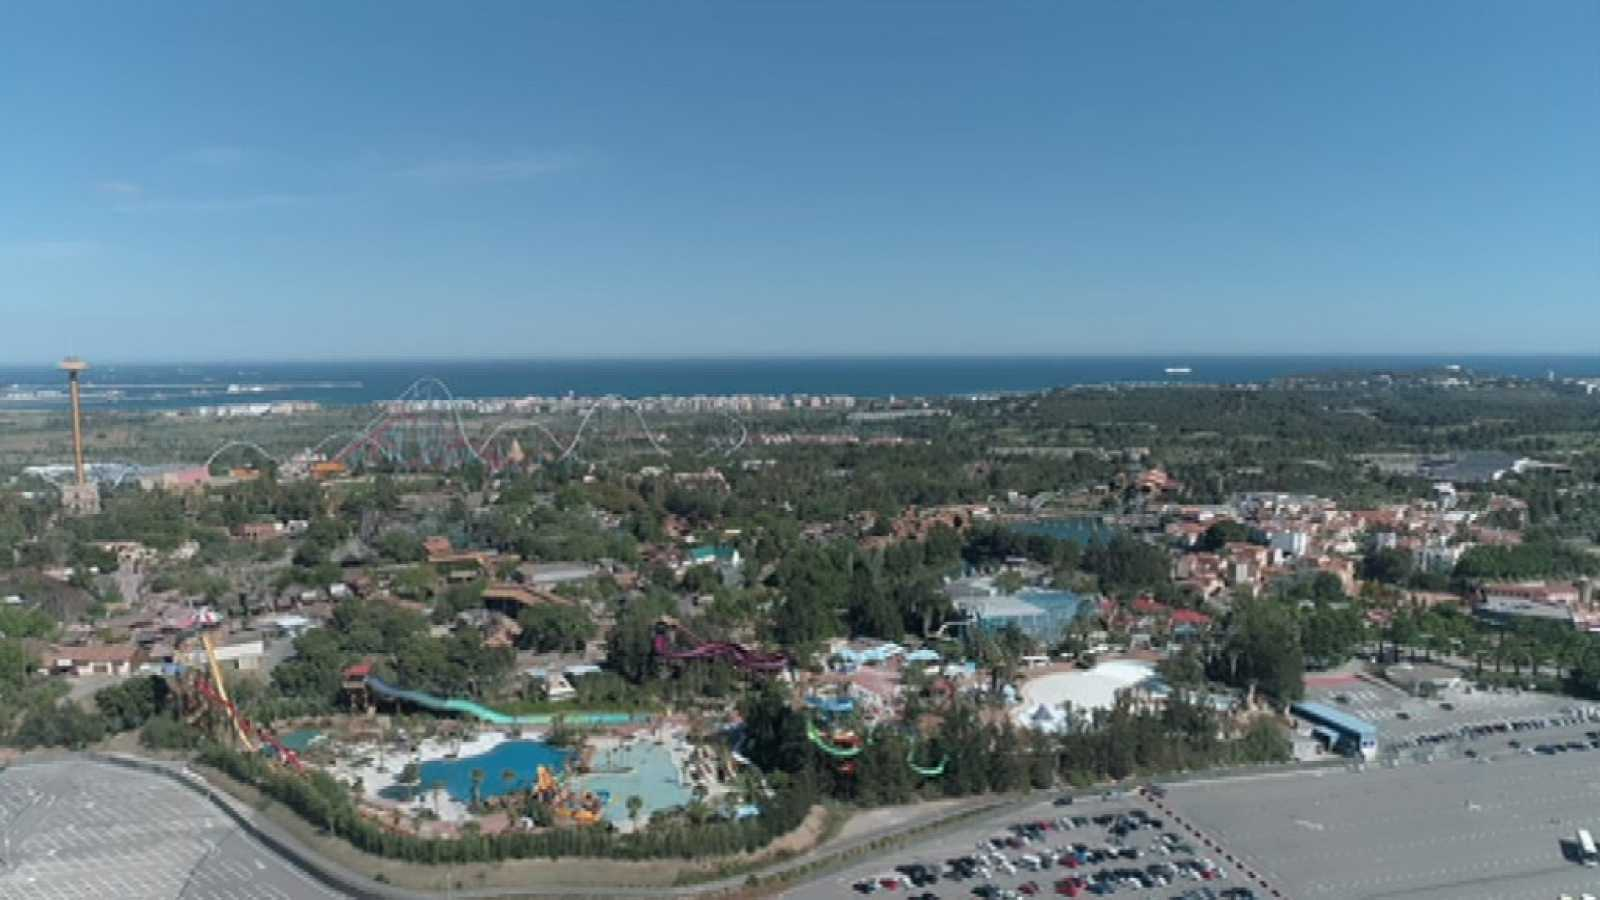 Juegos del Mediterráneo - Salou, capital turística - ver ahora